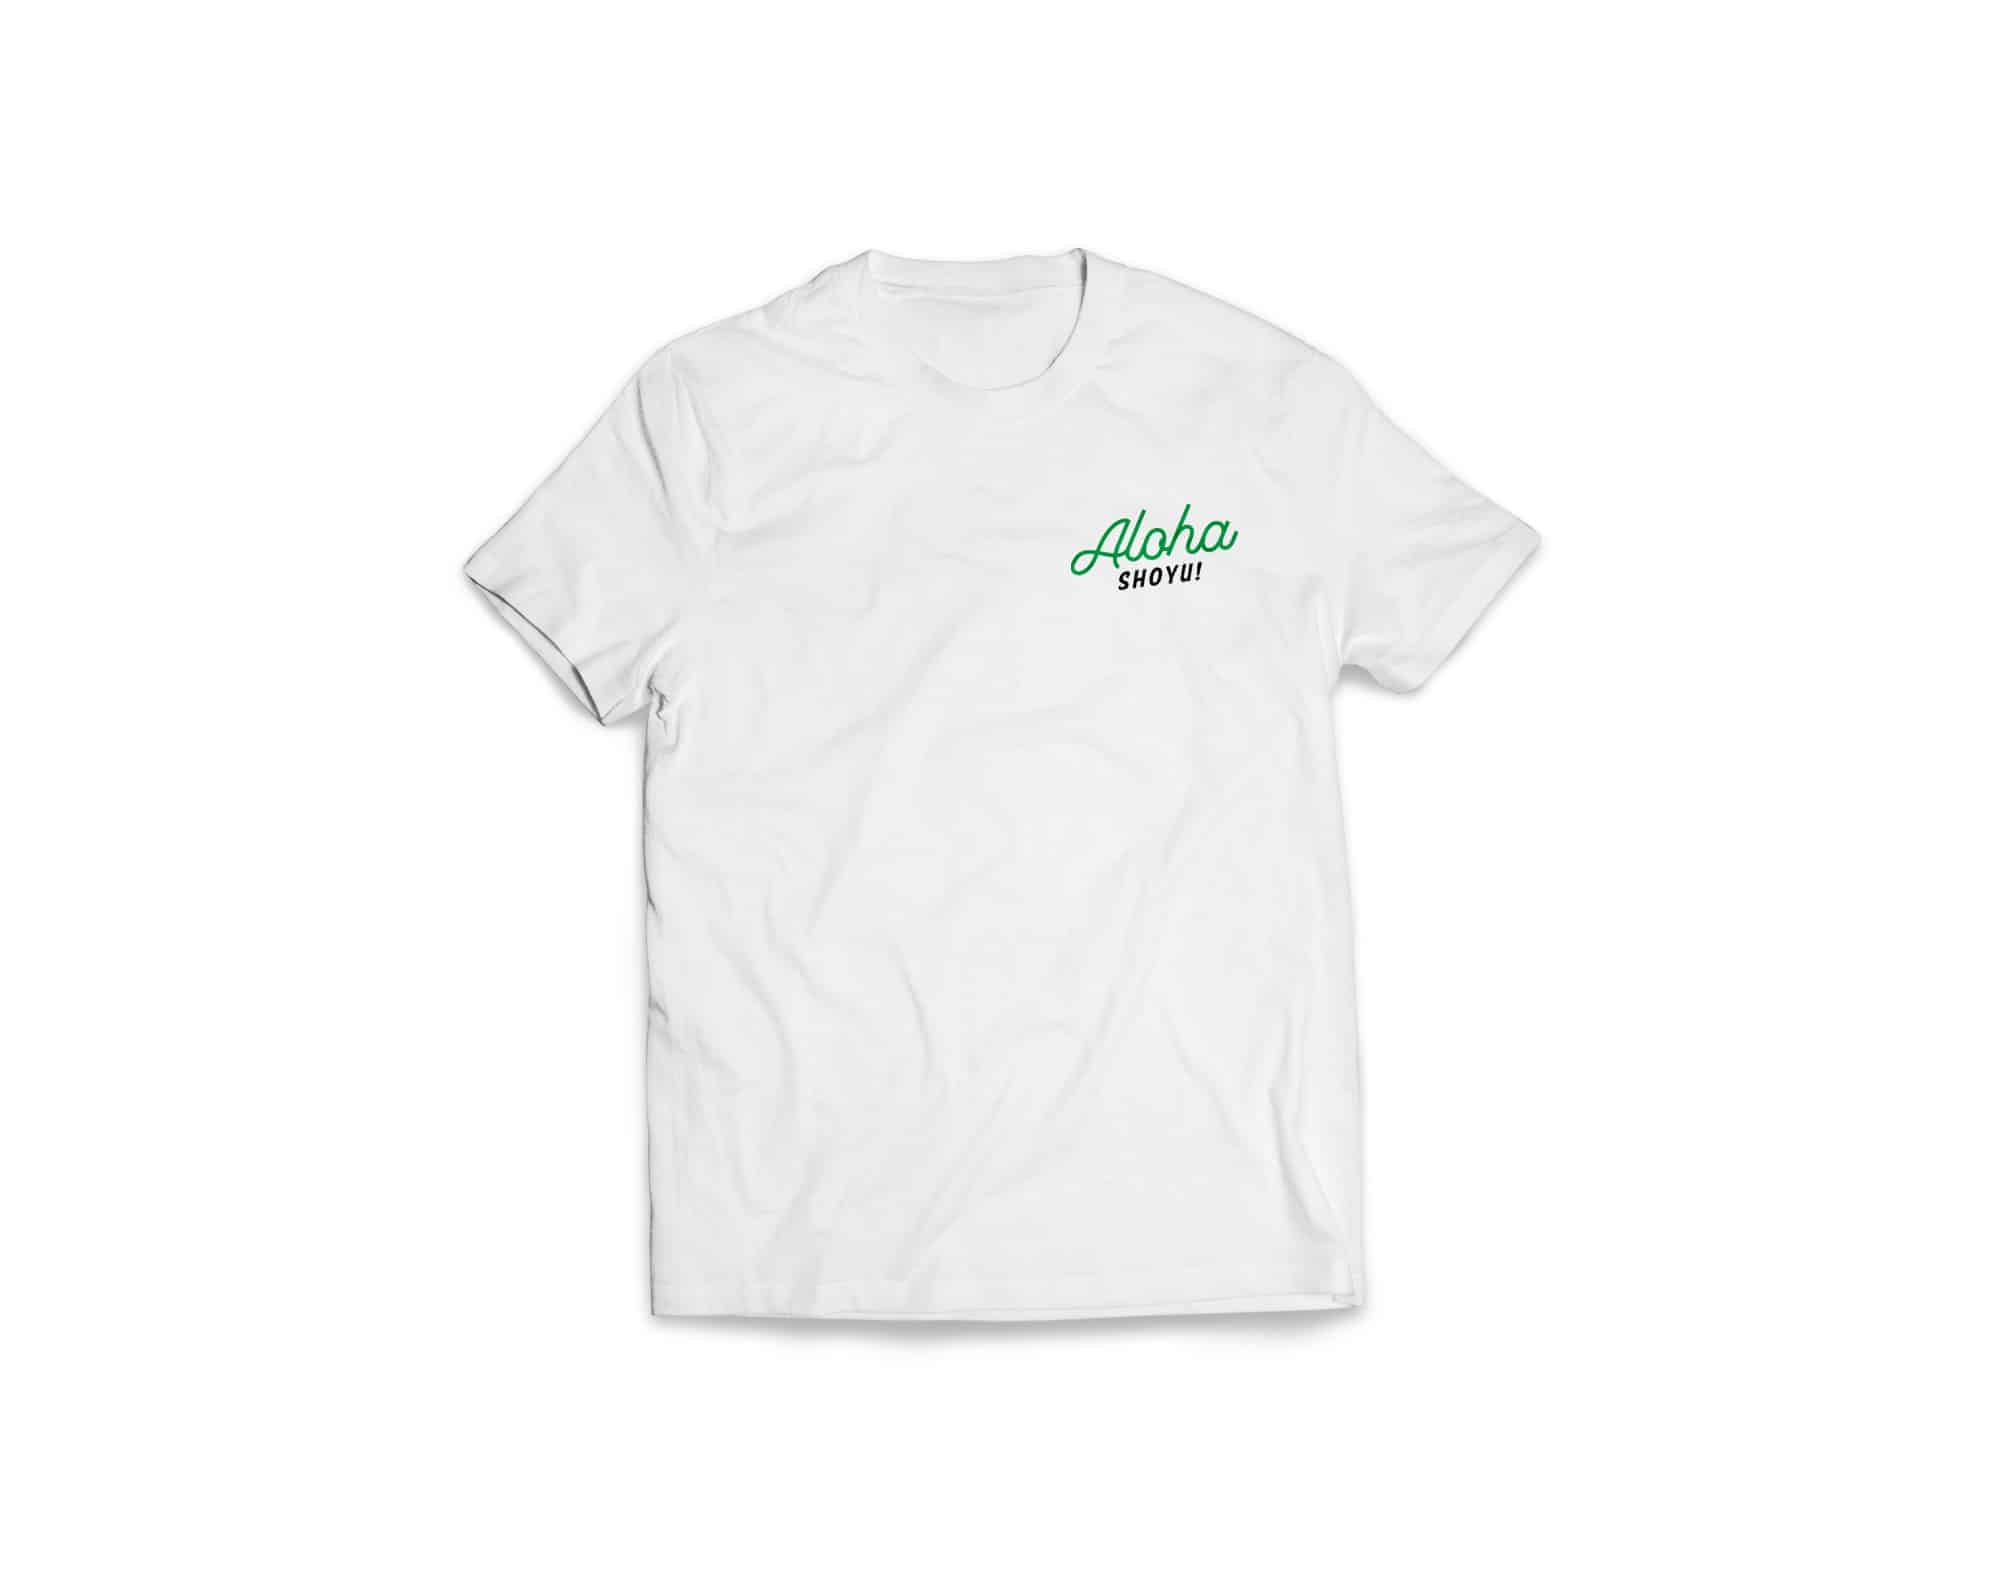 shirt001a